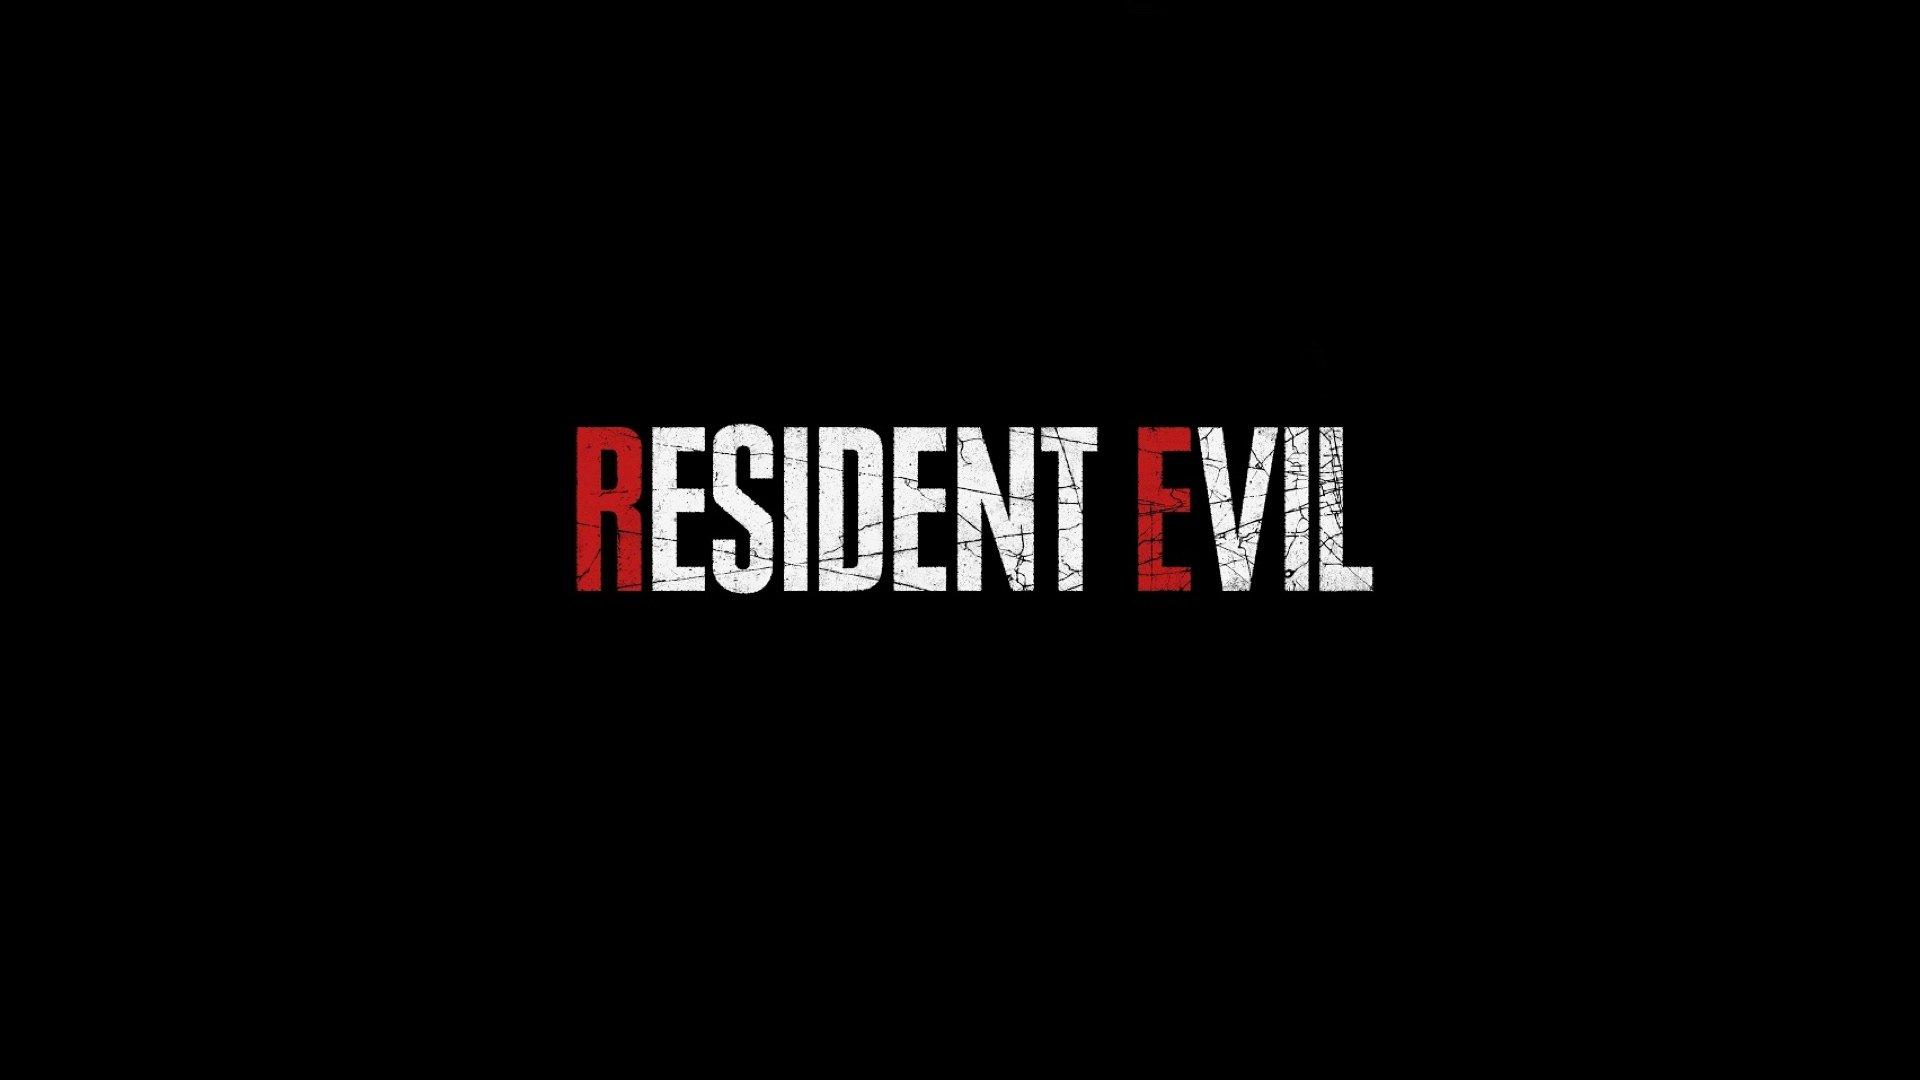 کپکام به مناسبت ۲۵ سالگی Resident Evil فاز آزمایشی یک بازی معرفی نشده را برگزار میکند